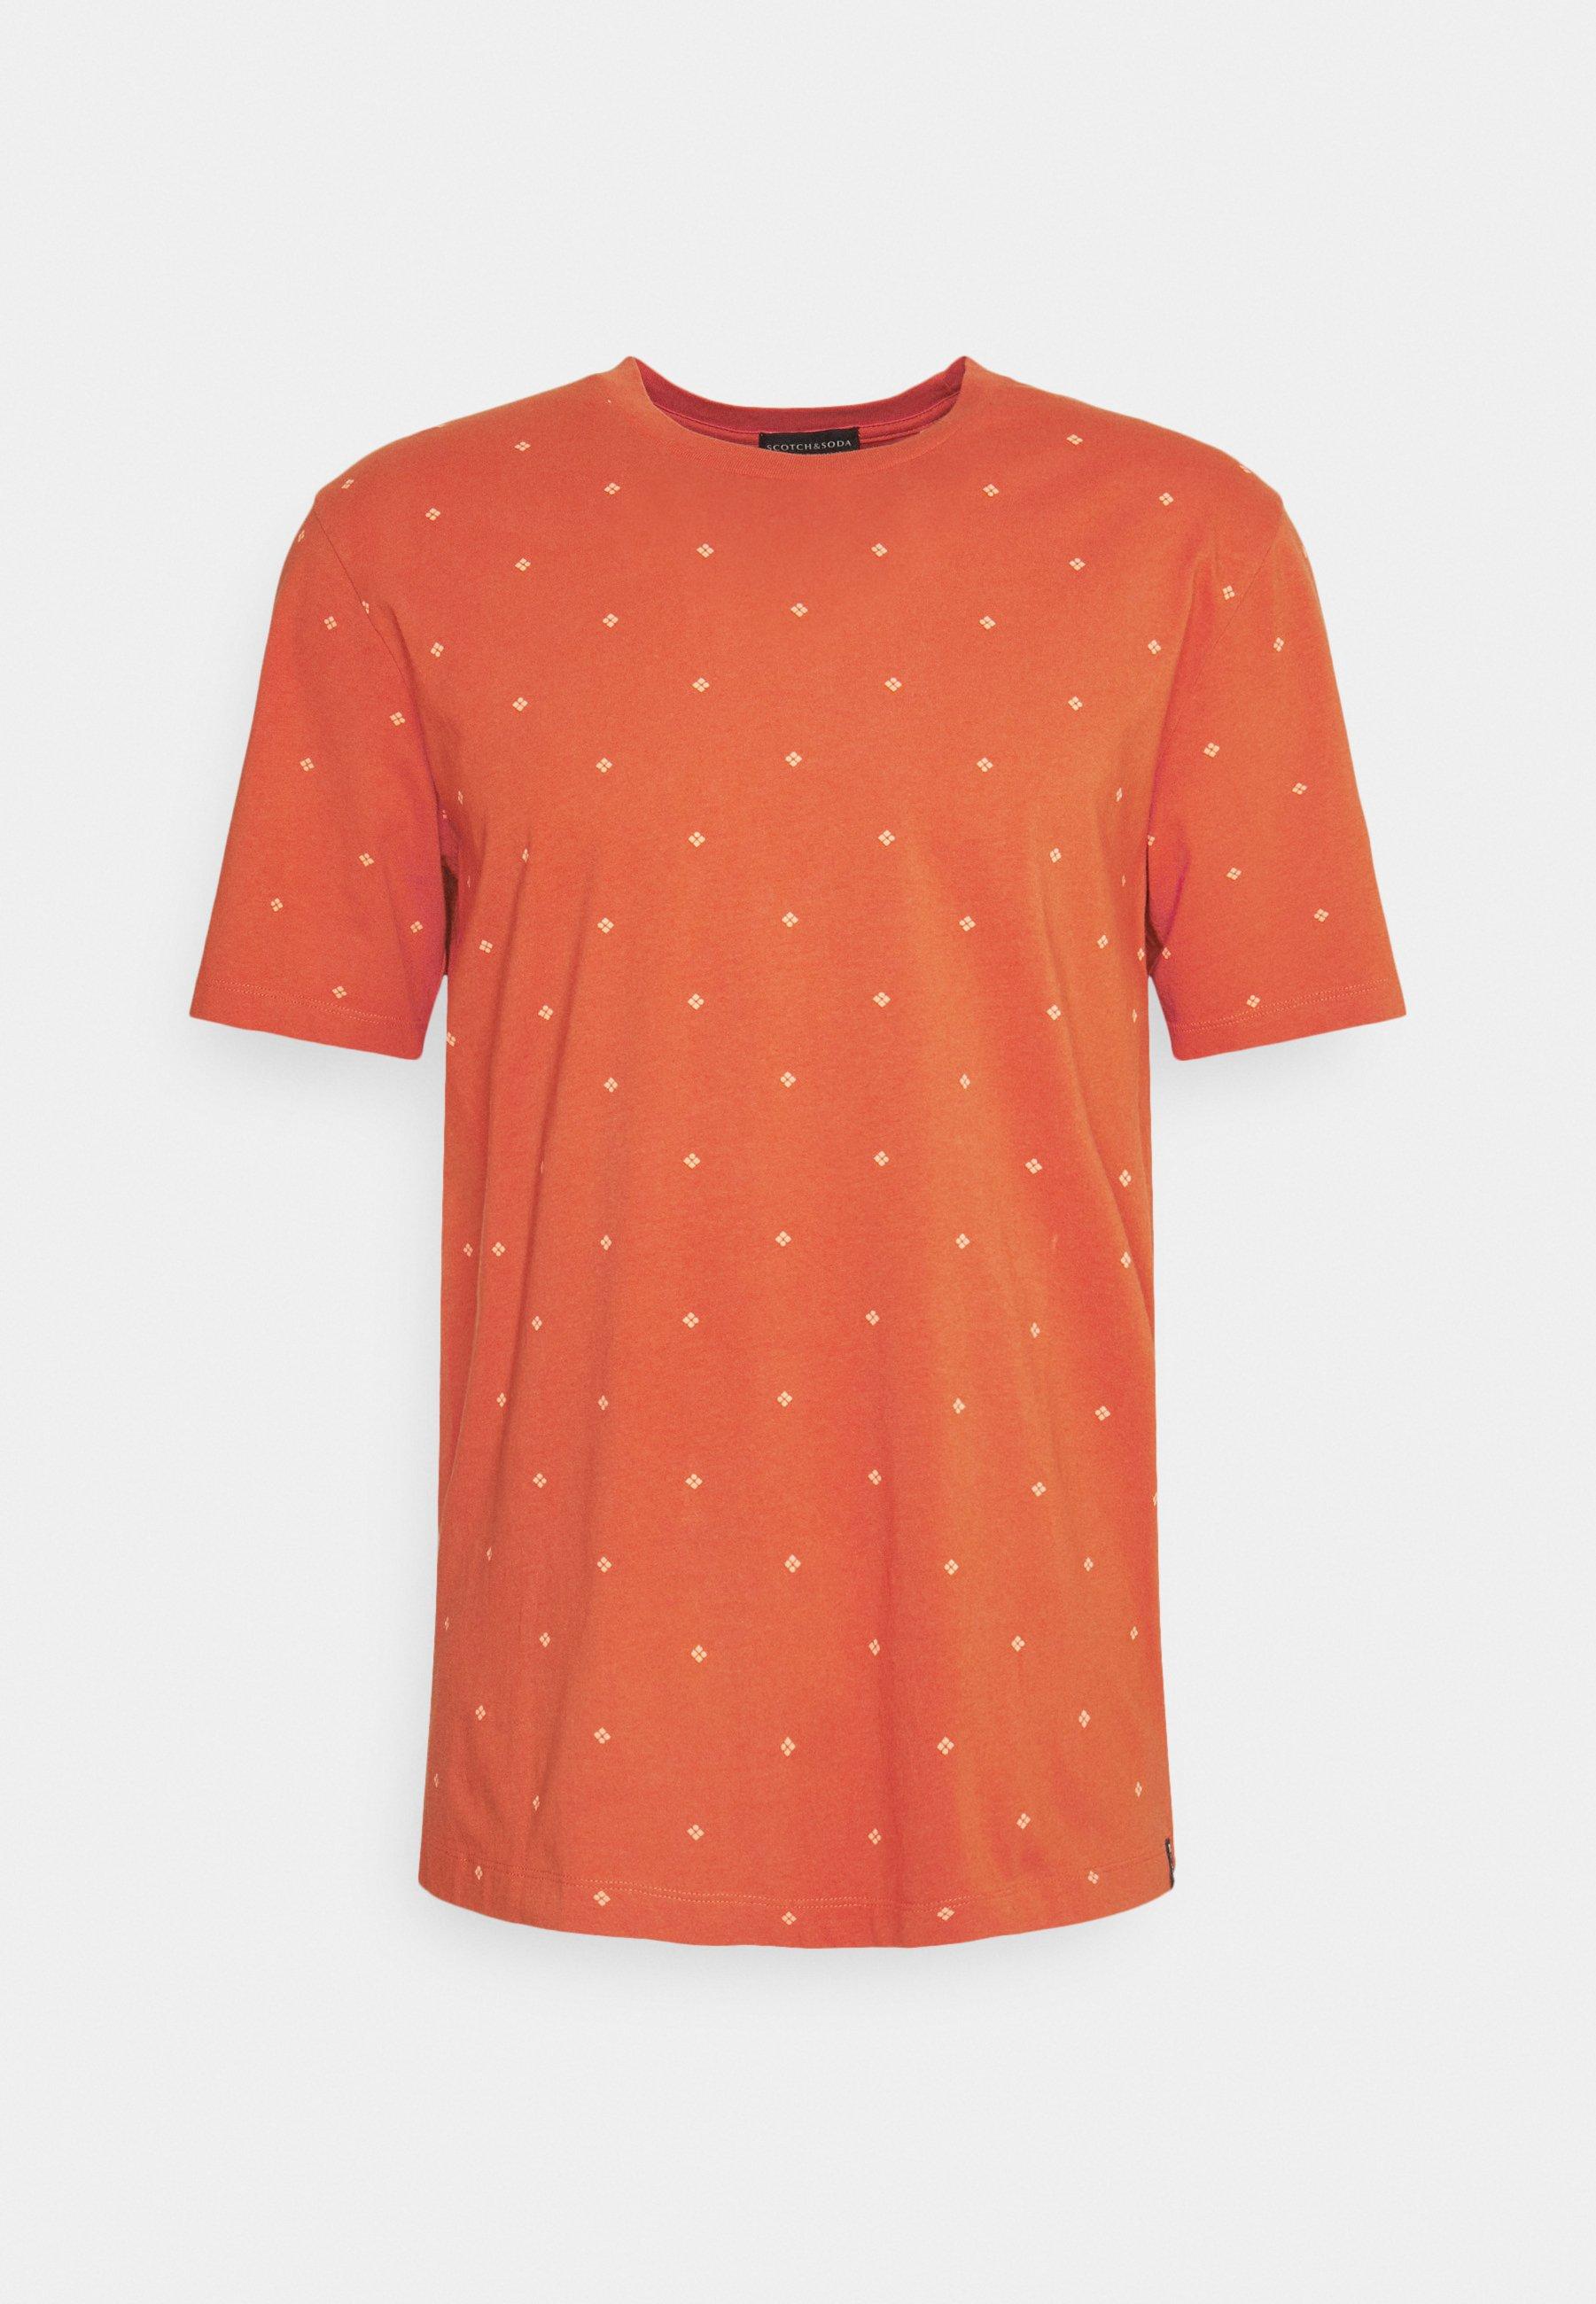 Homme CLASSIC PATTERNED CREWNECK - T-shirt imprimé